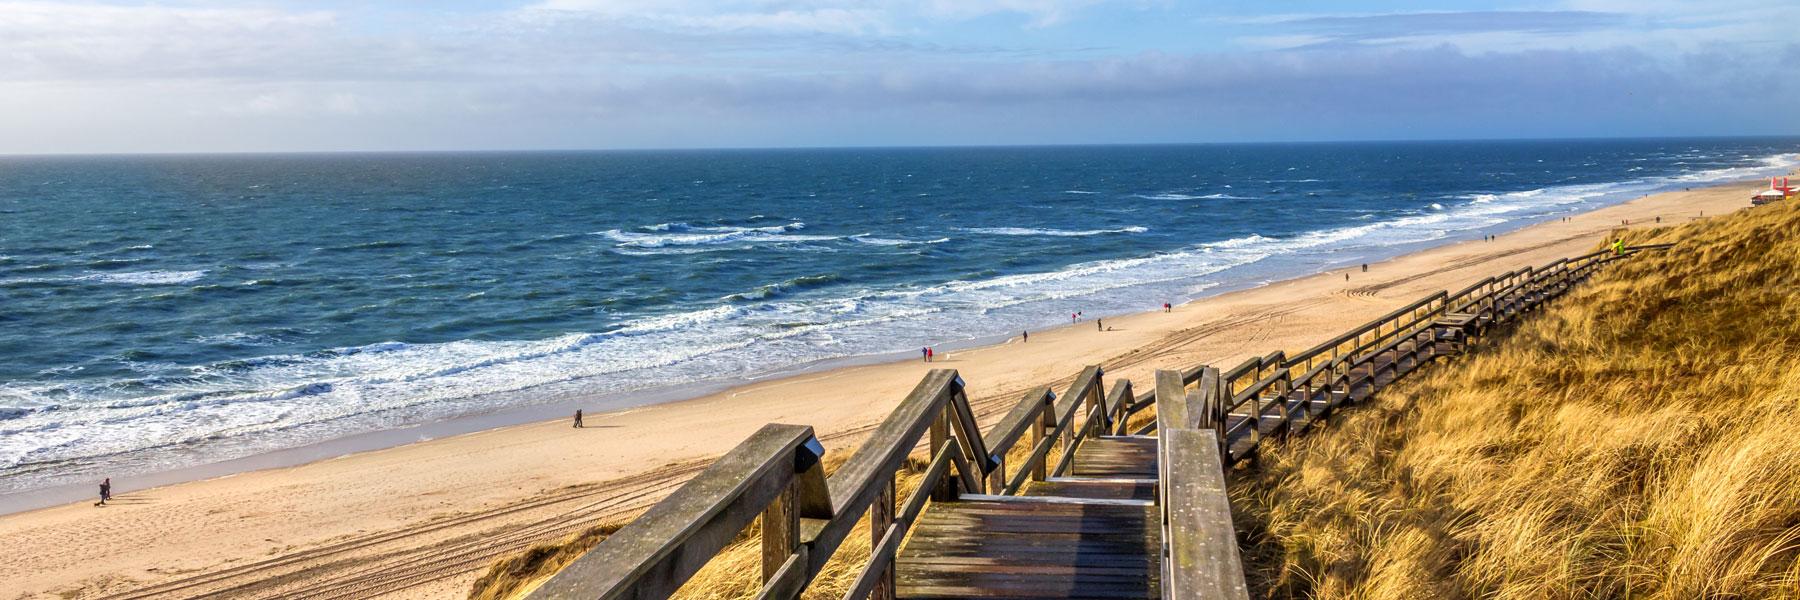 Strandzugang - Sylt